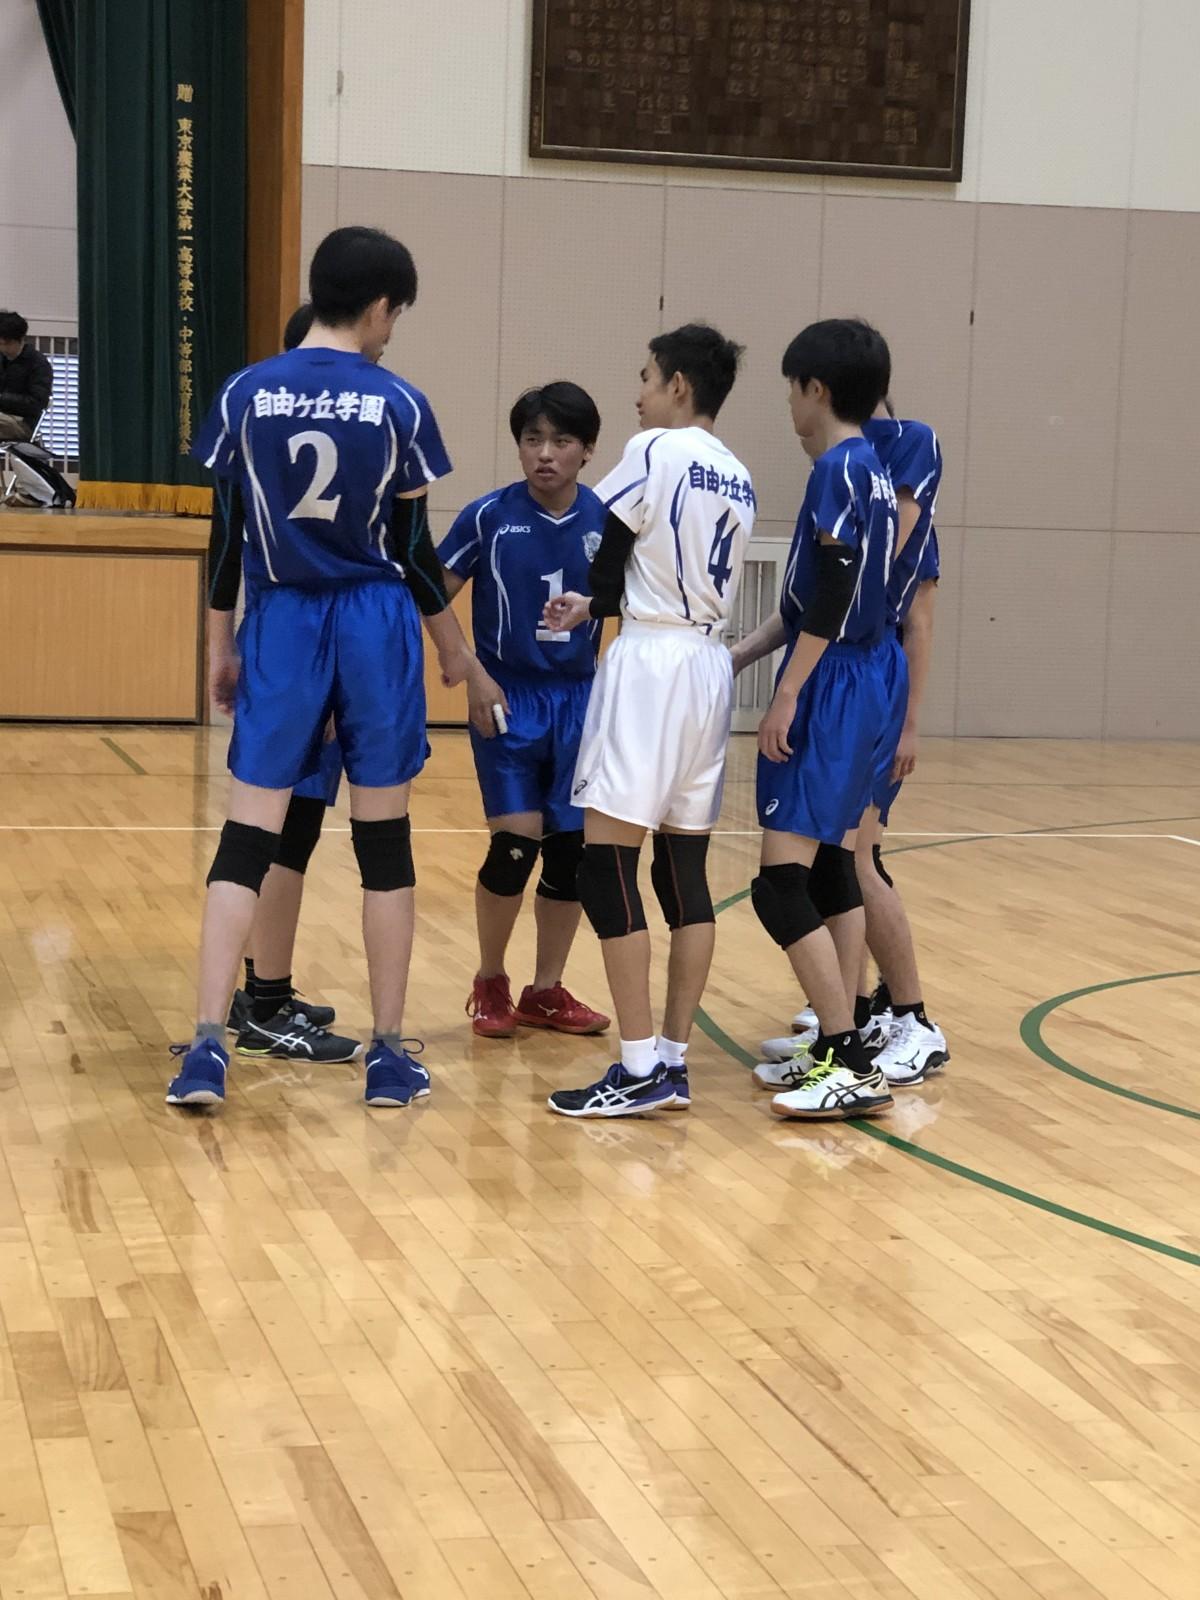 11-8譁ー莠コ螟ァ莨喀IMG_1556